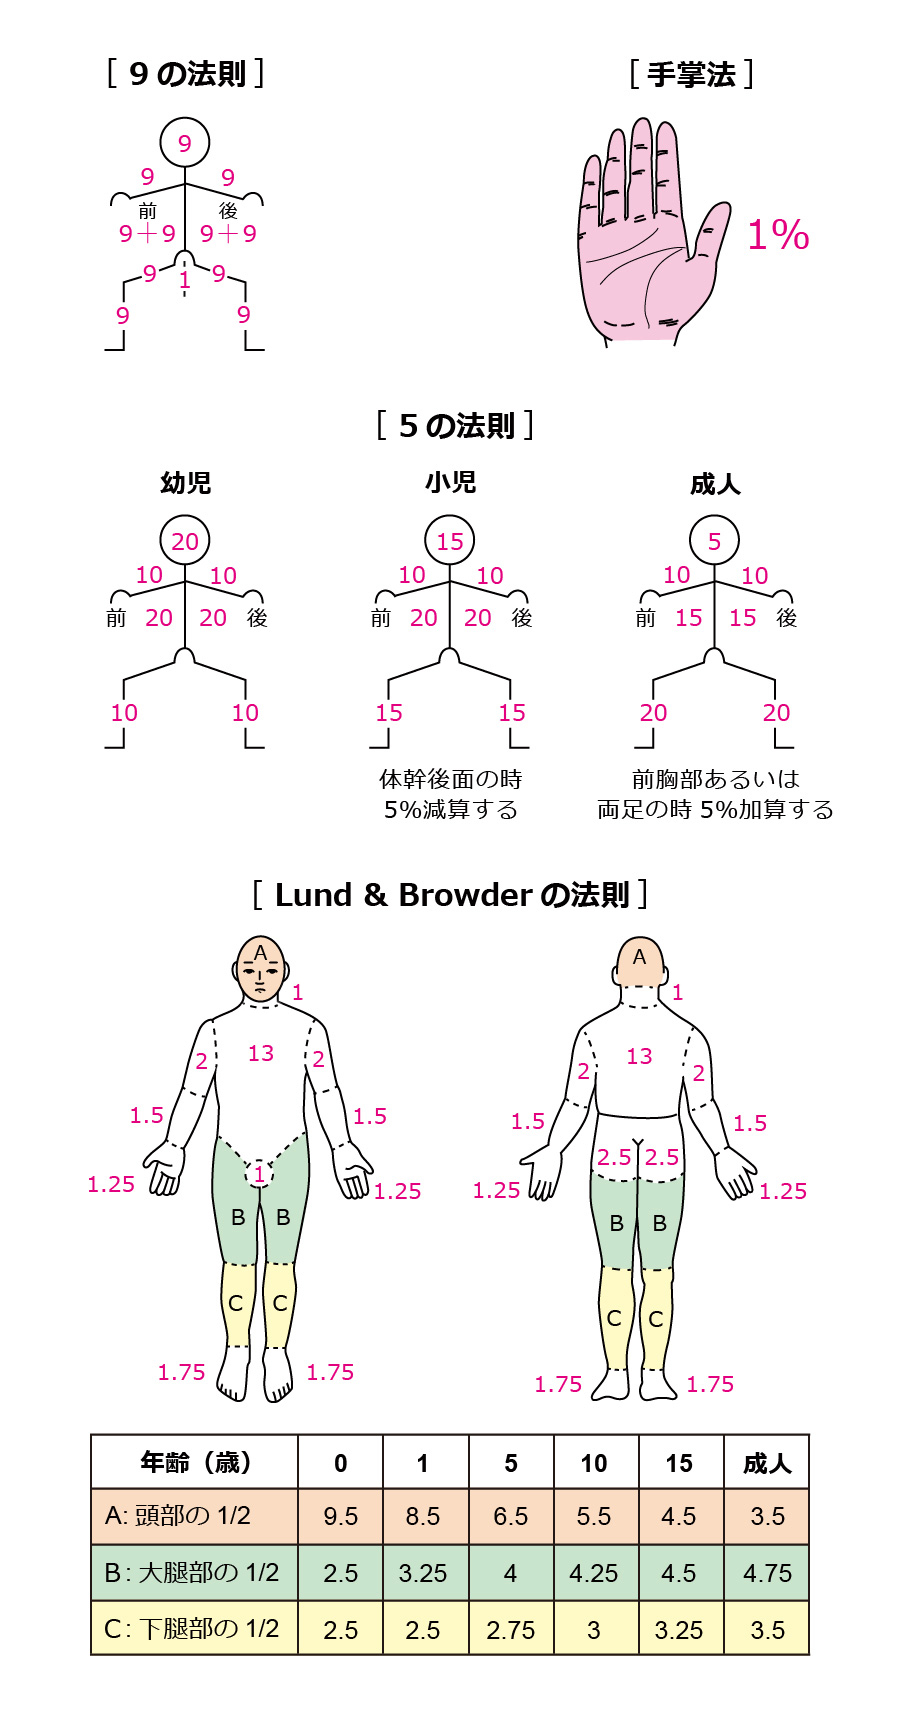 9の法則_5の法則_手掌法_Lund & Browderの法則_熱傷面積_%BSA_Body Surface Area